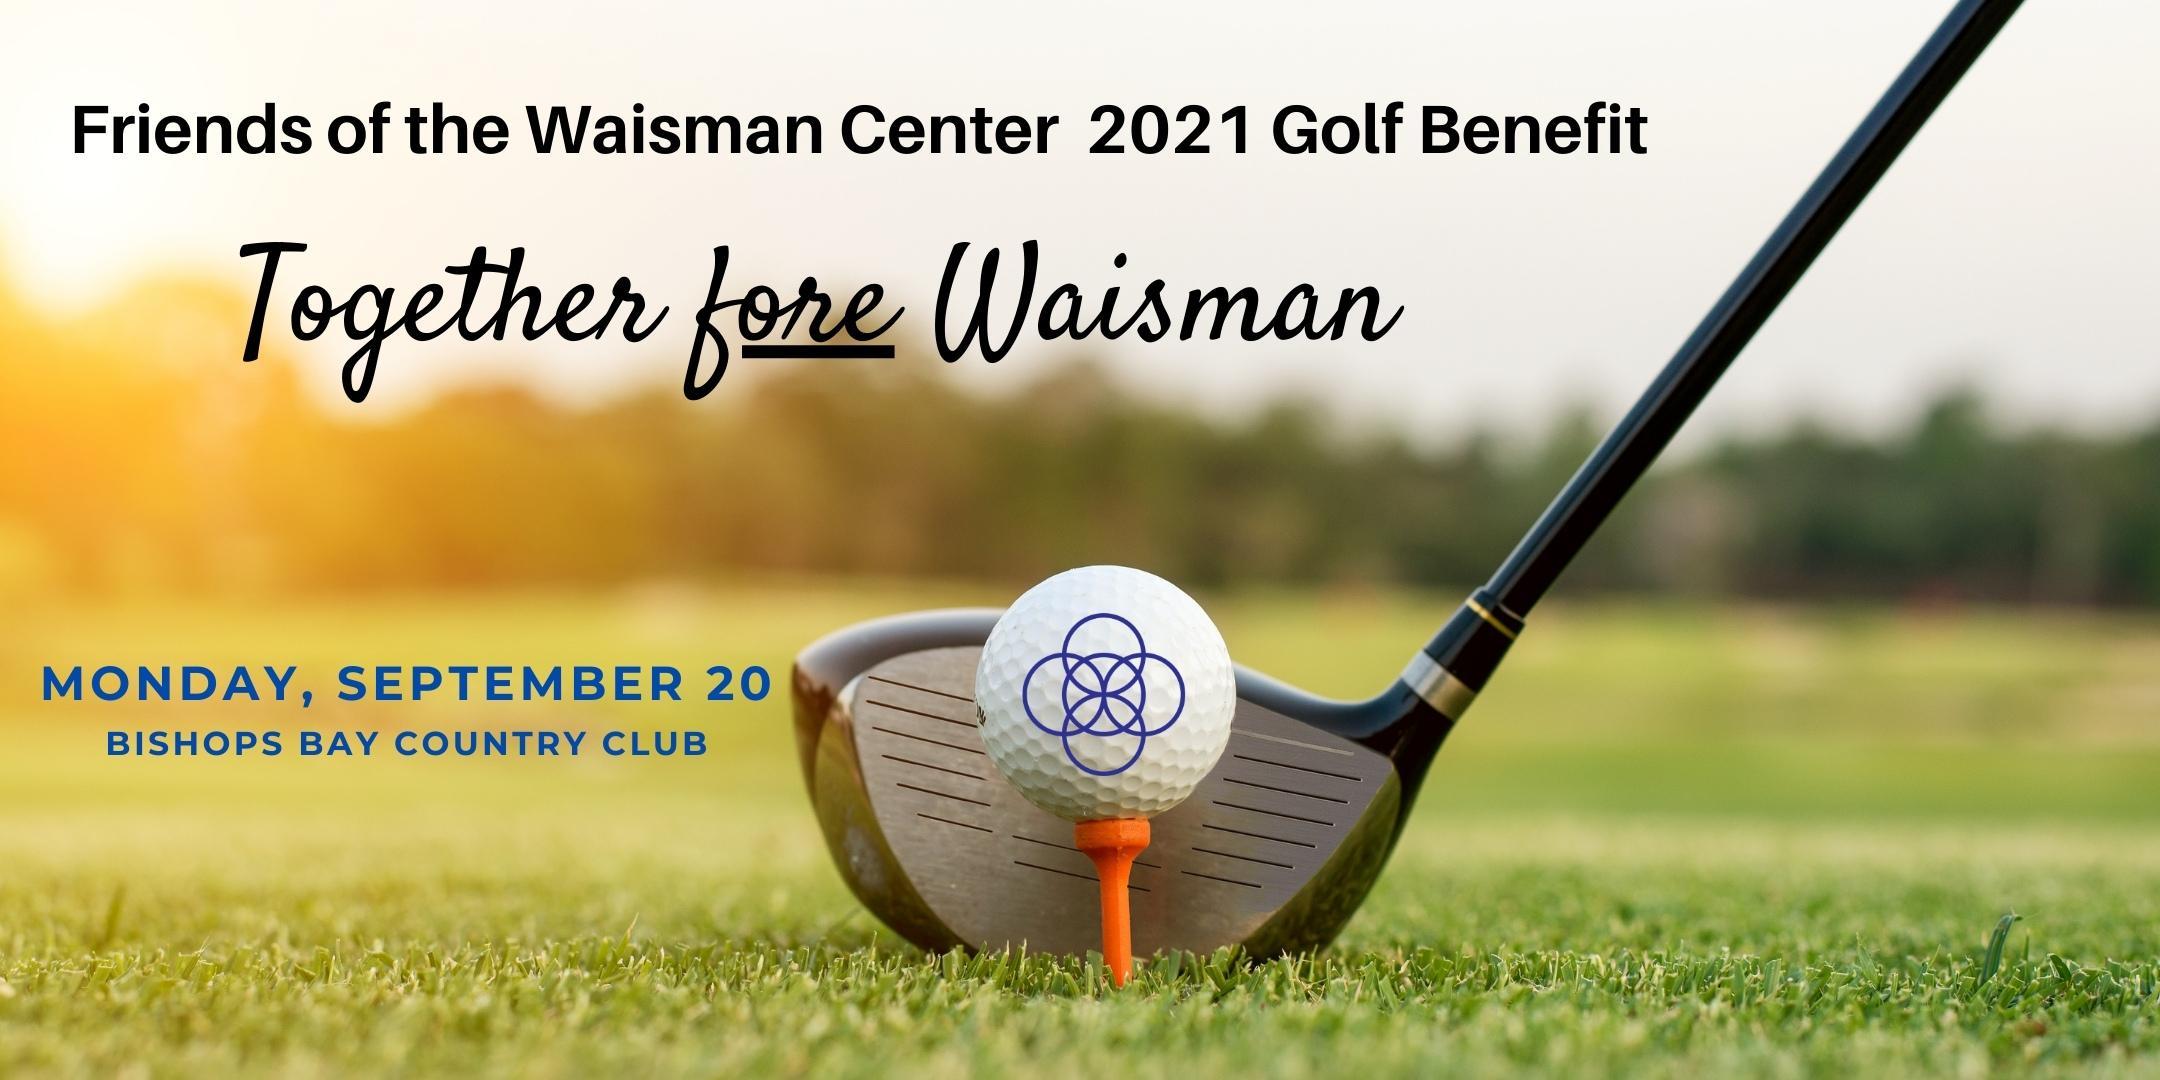 2021 Friends of the Waisman Center Golf Benefit